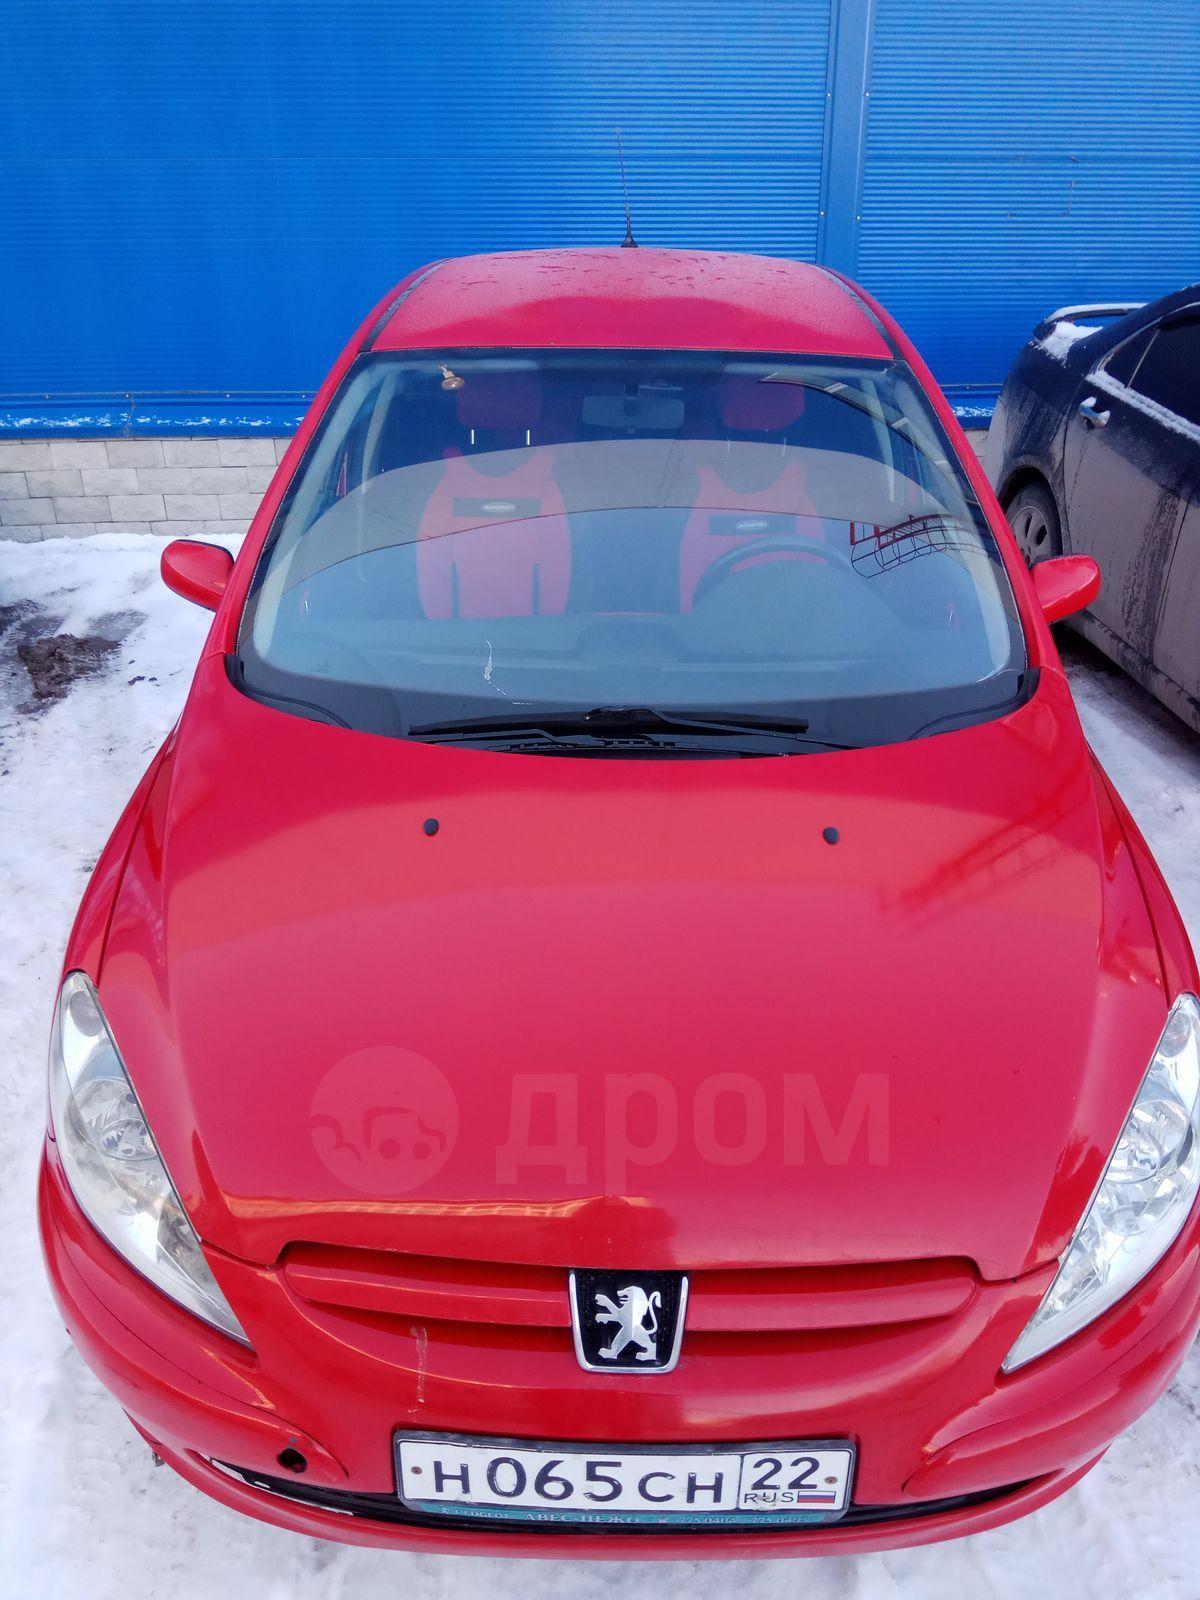 Авто peugeot г в Новосибирске АВТОМАТ АБС КЛИМАТ  peugeot 307 2003 год 220 000 руб